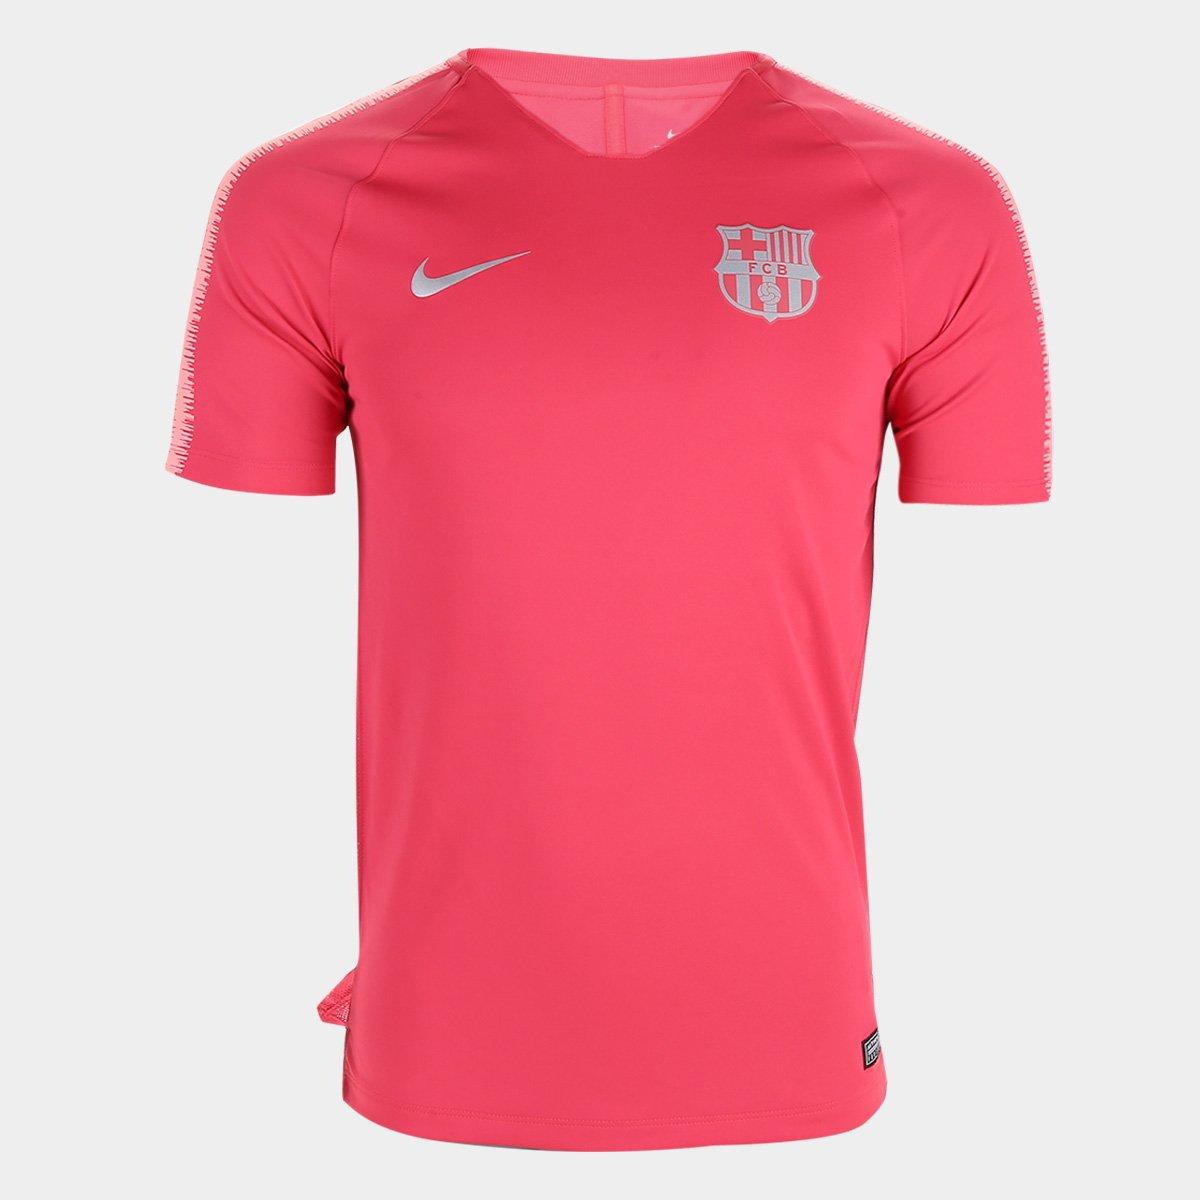 96c355db45 Camisa Barcelona Treino 2018 Nike Masculina - Vermelho - Compre Agora